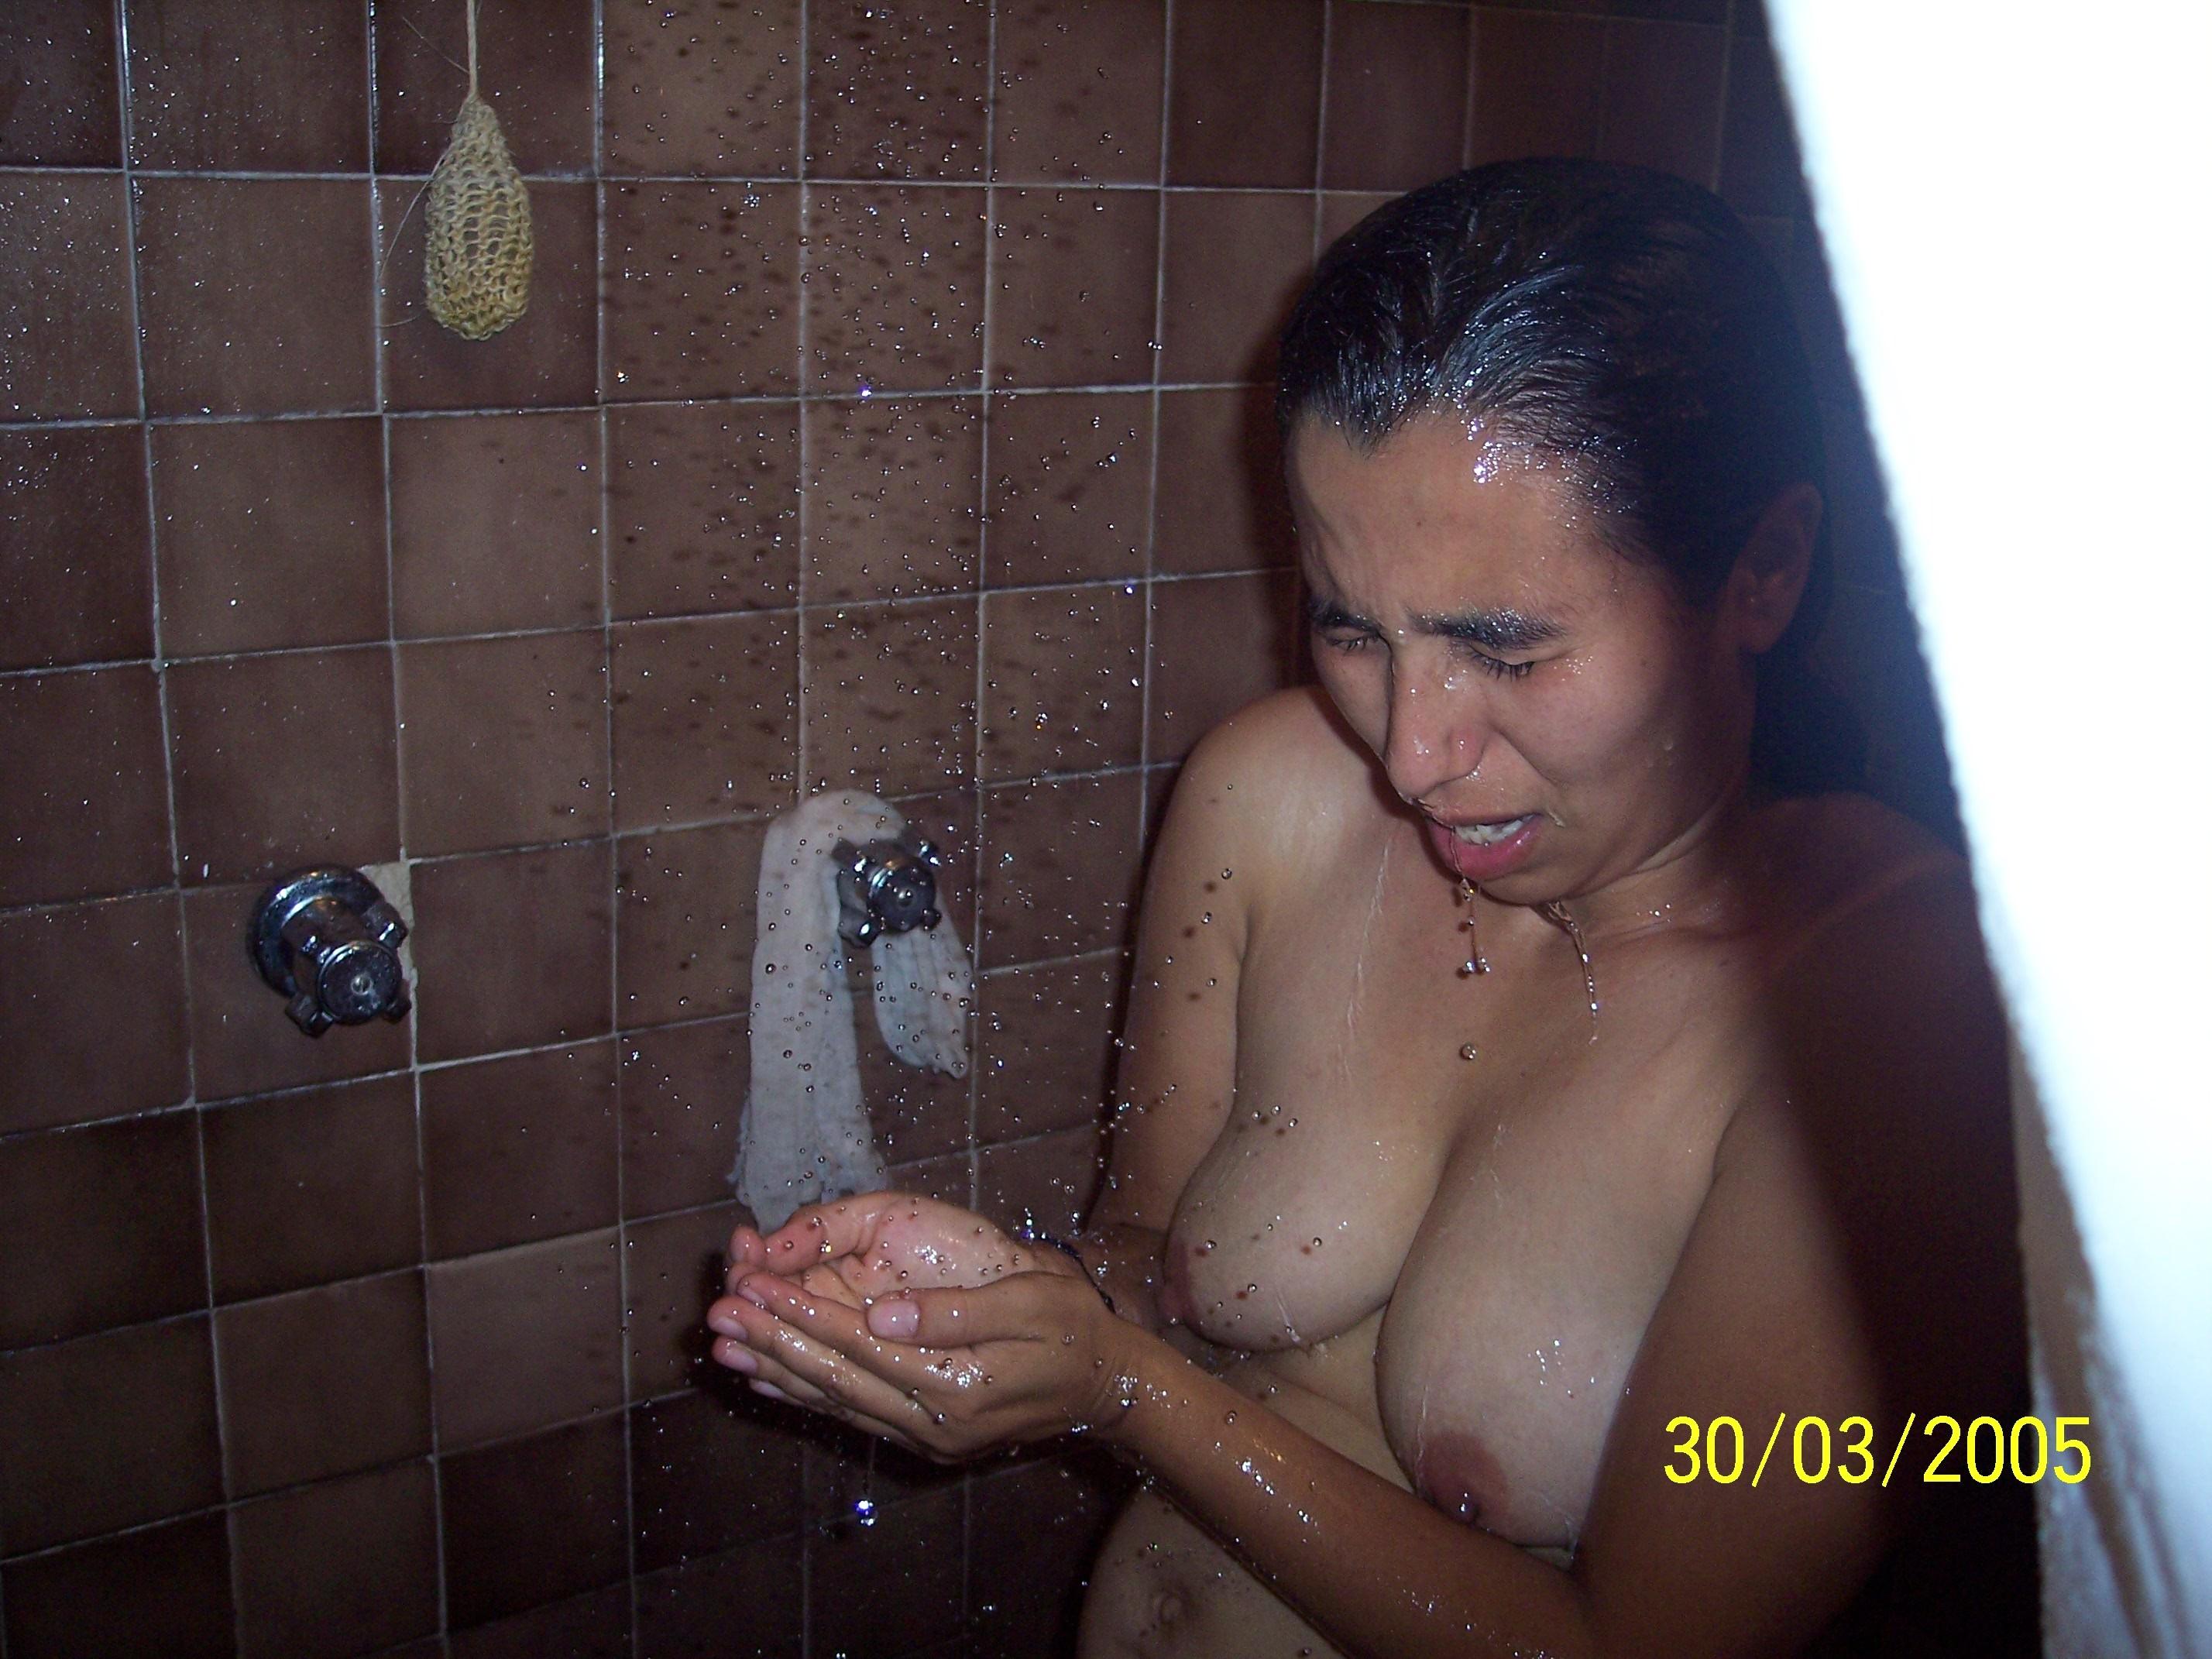 Мексиканка в возрасте немного стесняется своей наготы